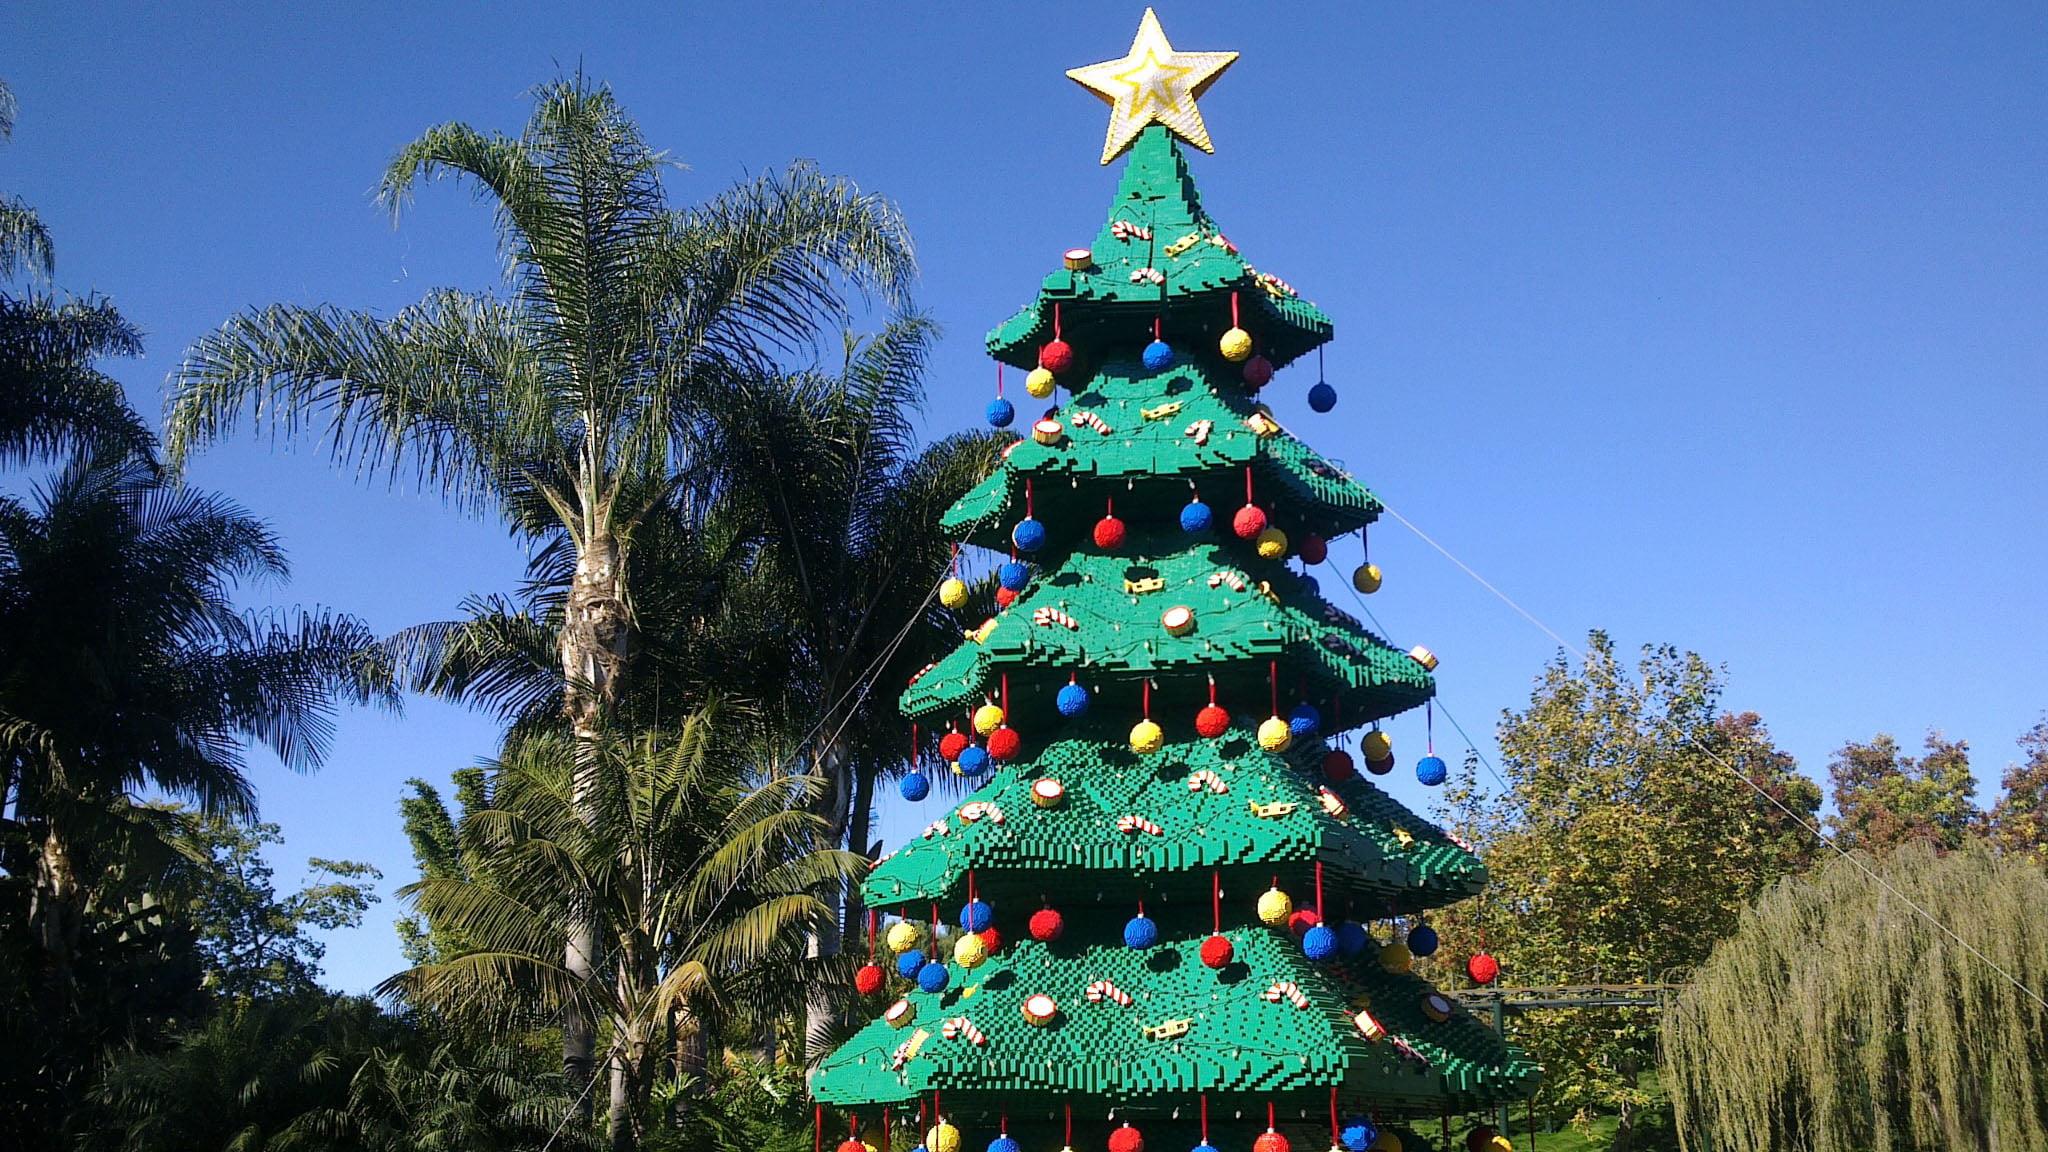 Arbol de navidad fabricado con piezas de lego - Arboles de naviad ...